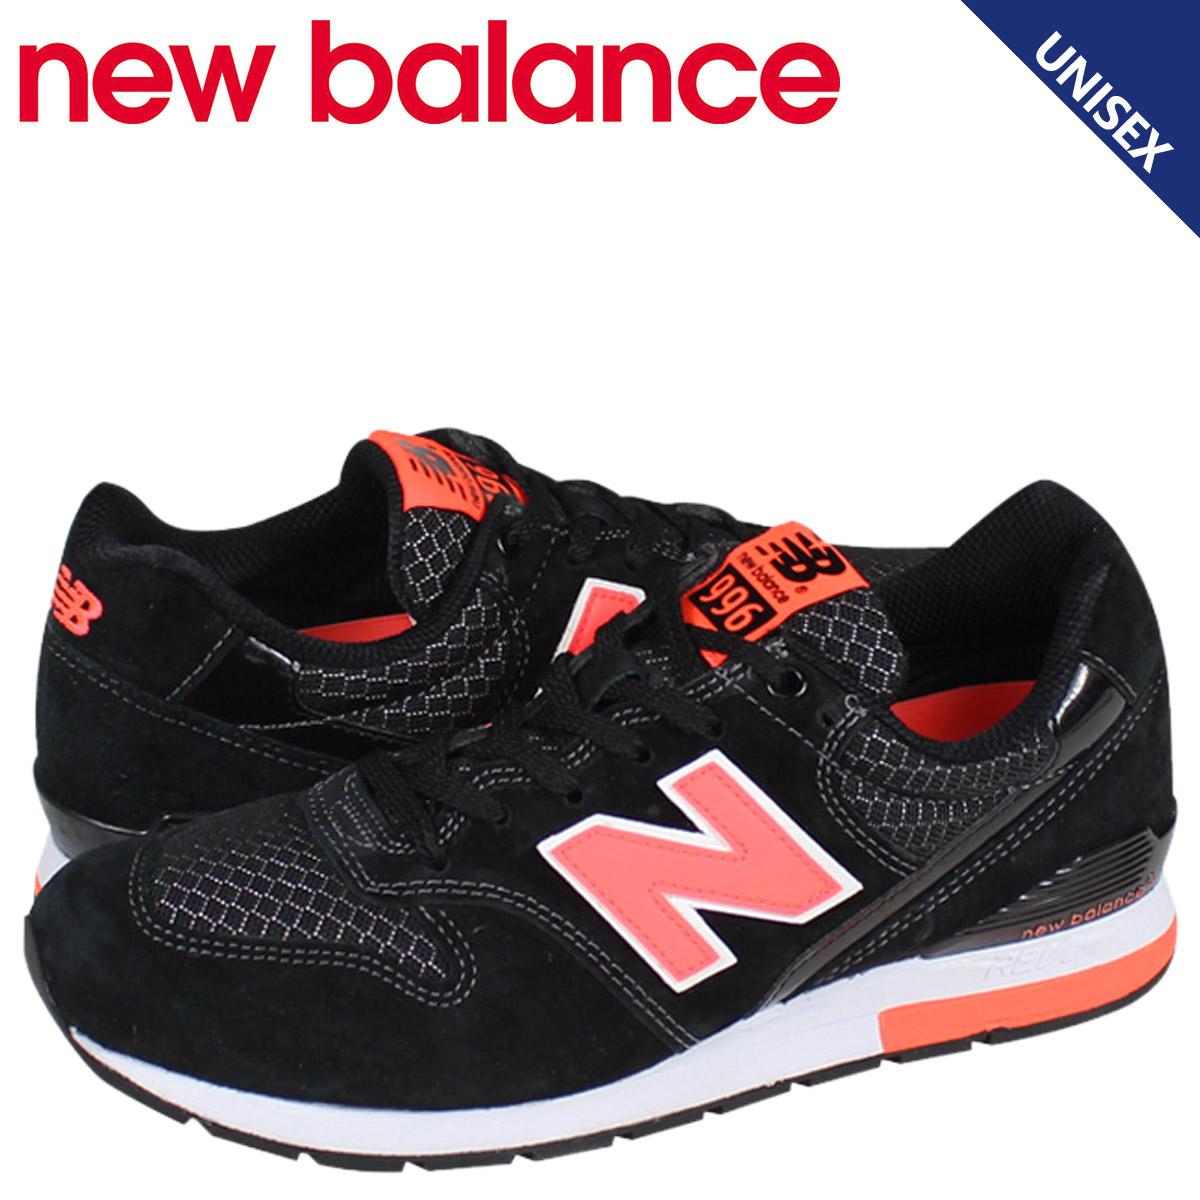 170b53e6c881a グレー MADE IN USA M996 GY 靴 Dワイズ スニーカー new balance ニューバランス [6/29 追加入荷] 996 メンズ